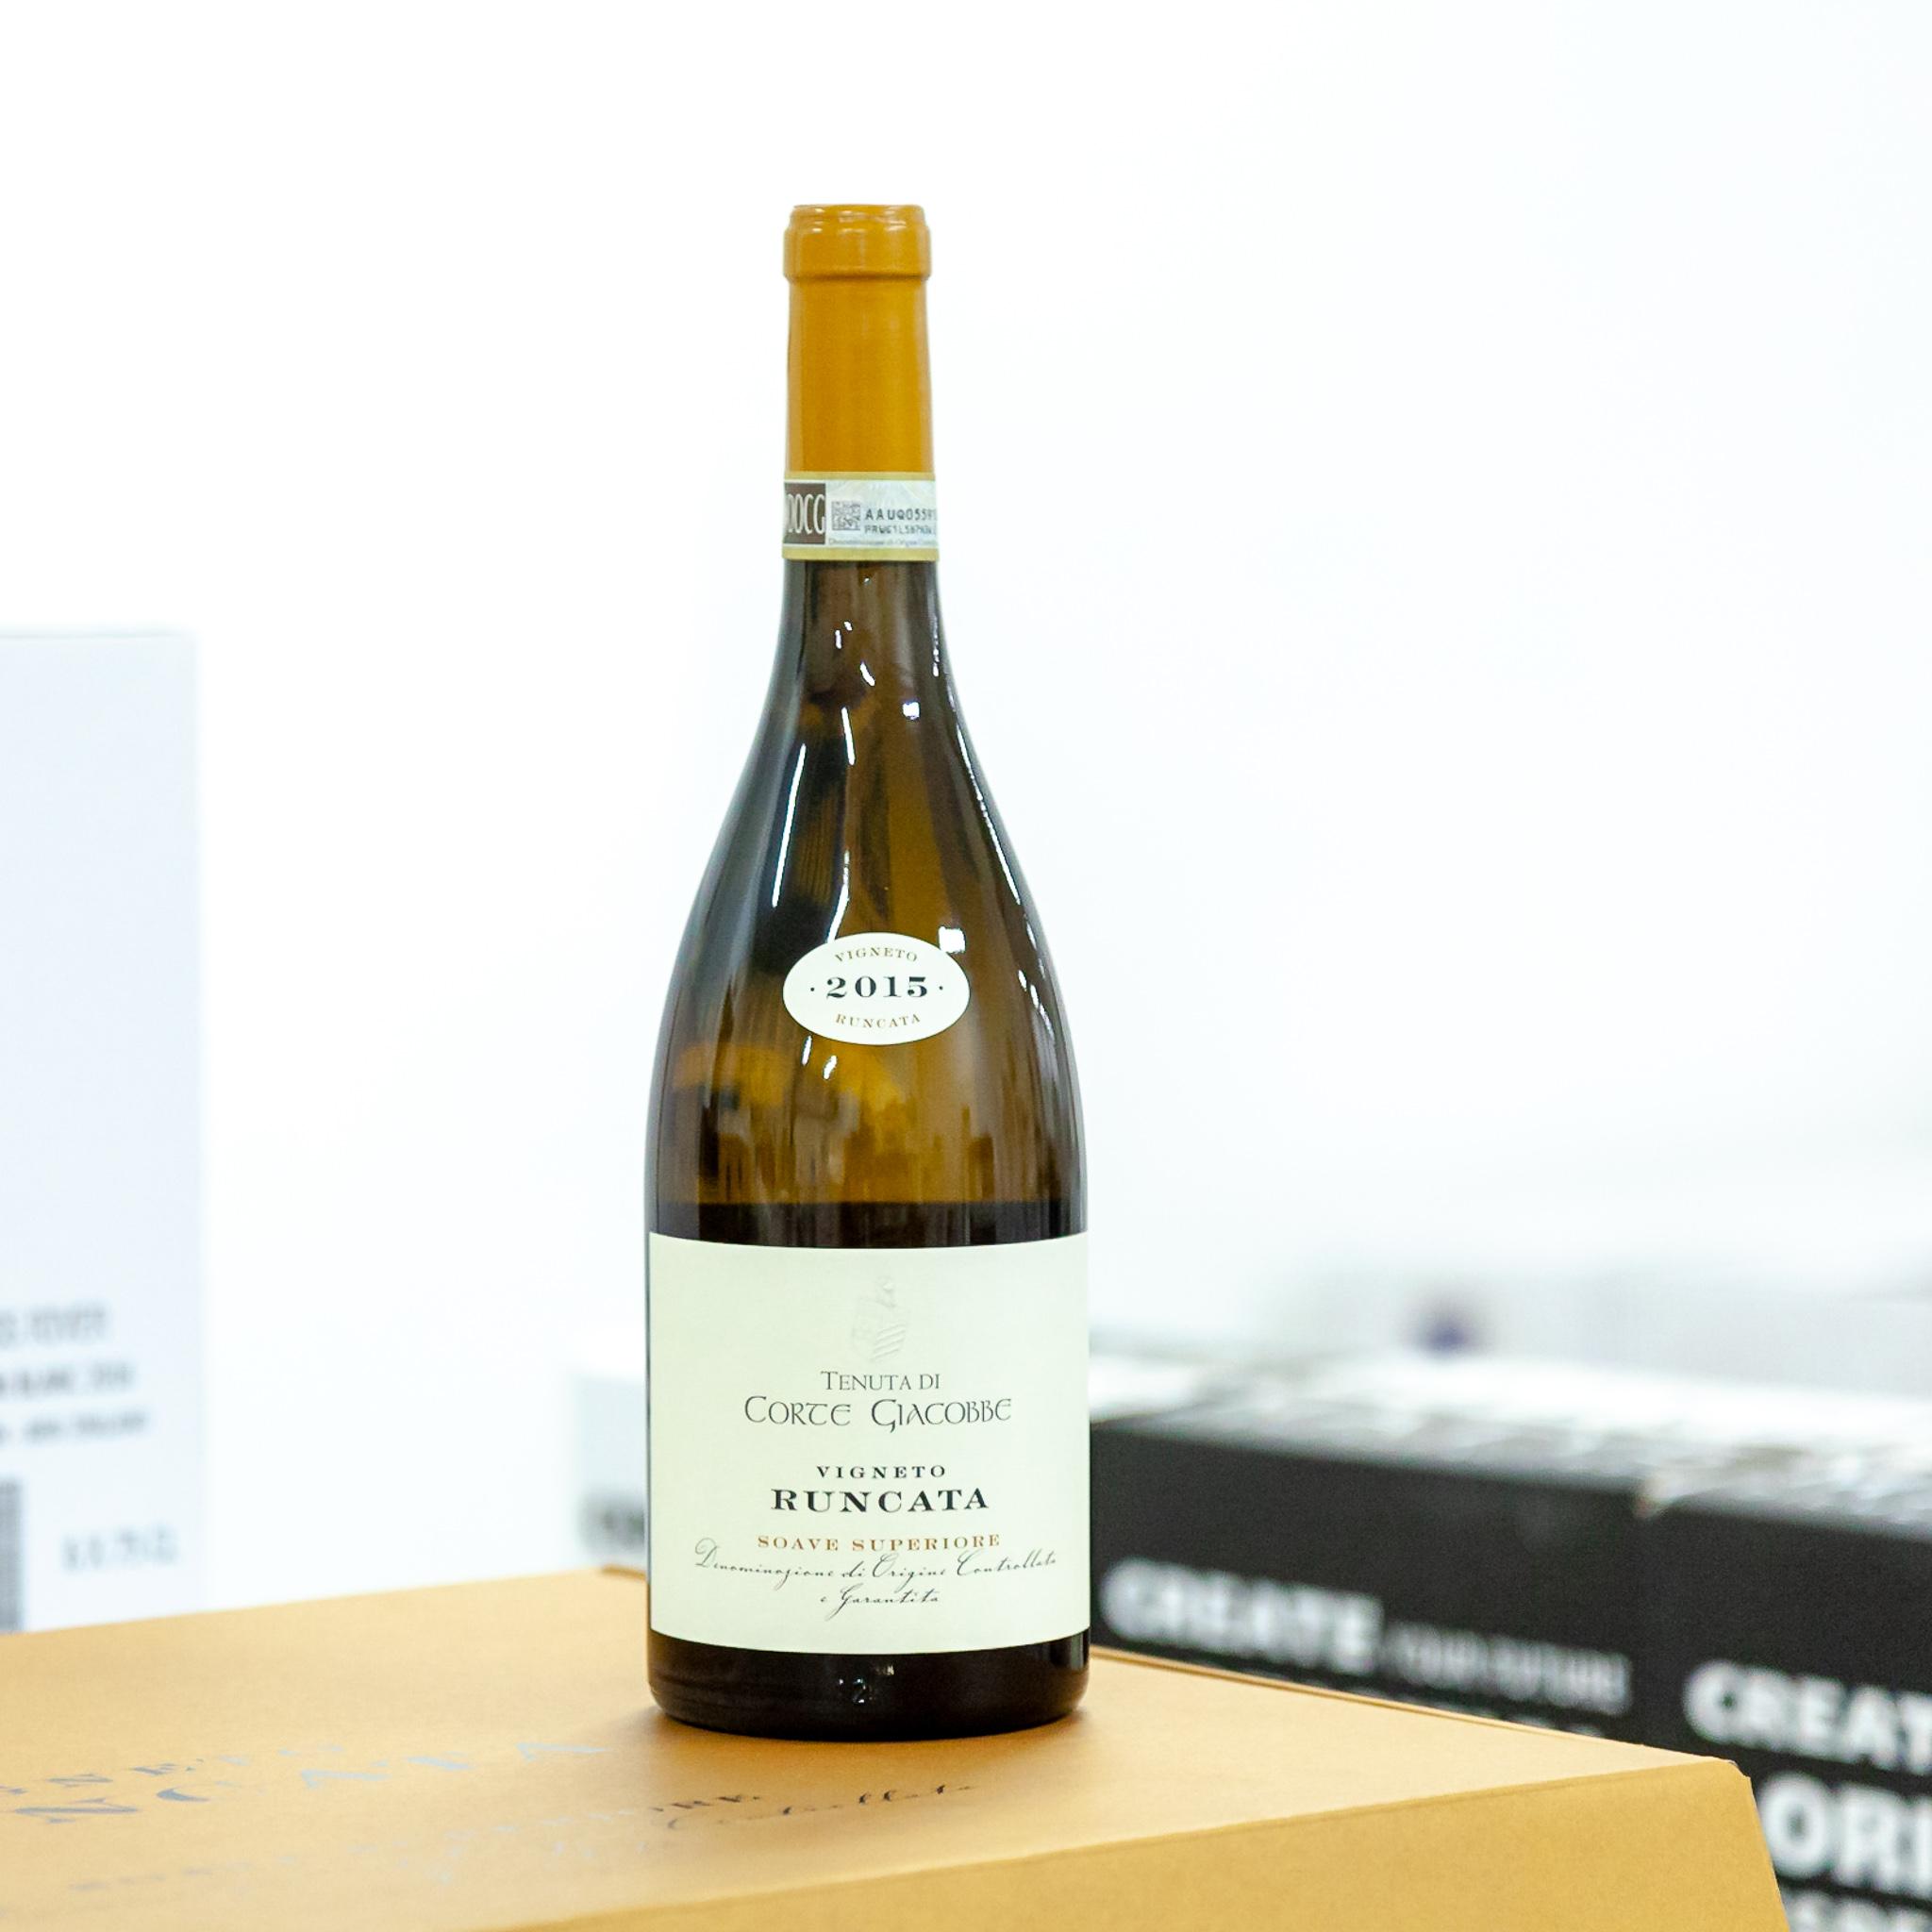 Soave Runcata - Víno zrálo 12 měsíců ve velkých dubových sudech. Výrazné plné víno s mandlovými tóny. Víno je vhodné i k několikaleté archivaci. Odrůda Garganega